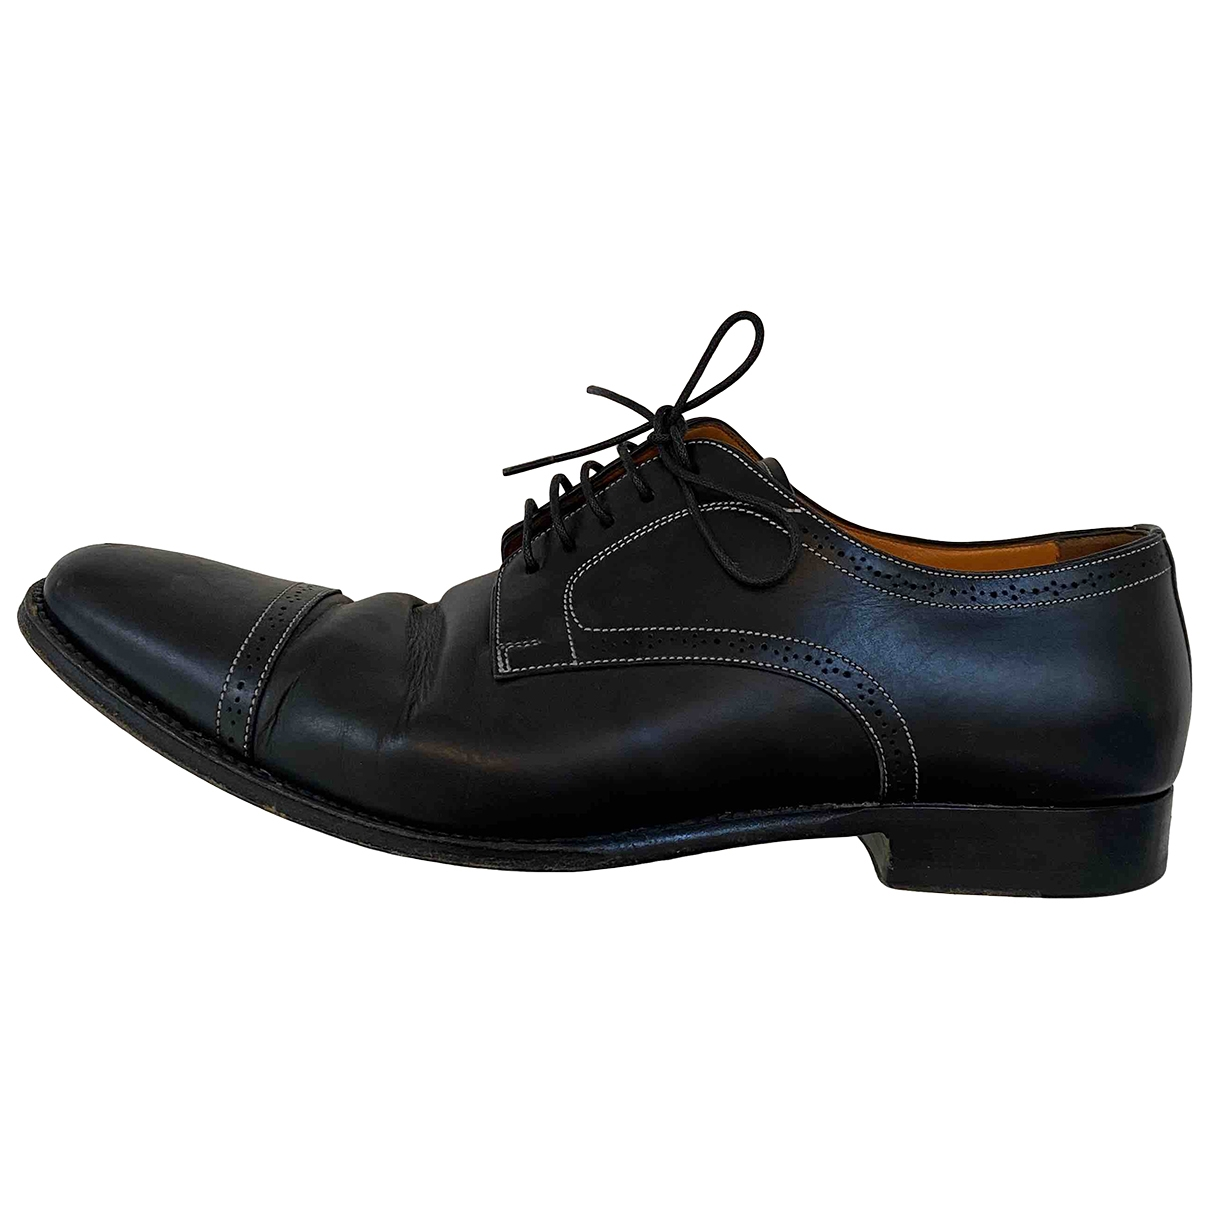 Santoni - Derbies   pour homme en cuir - noir